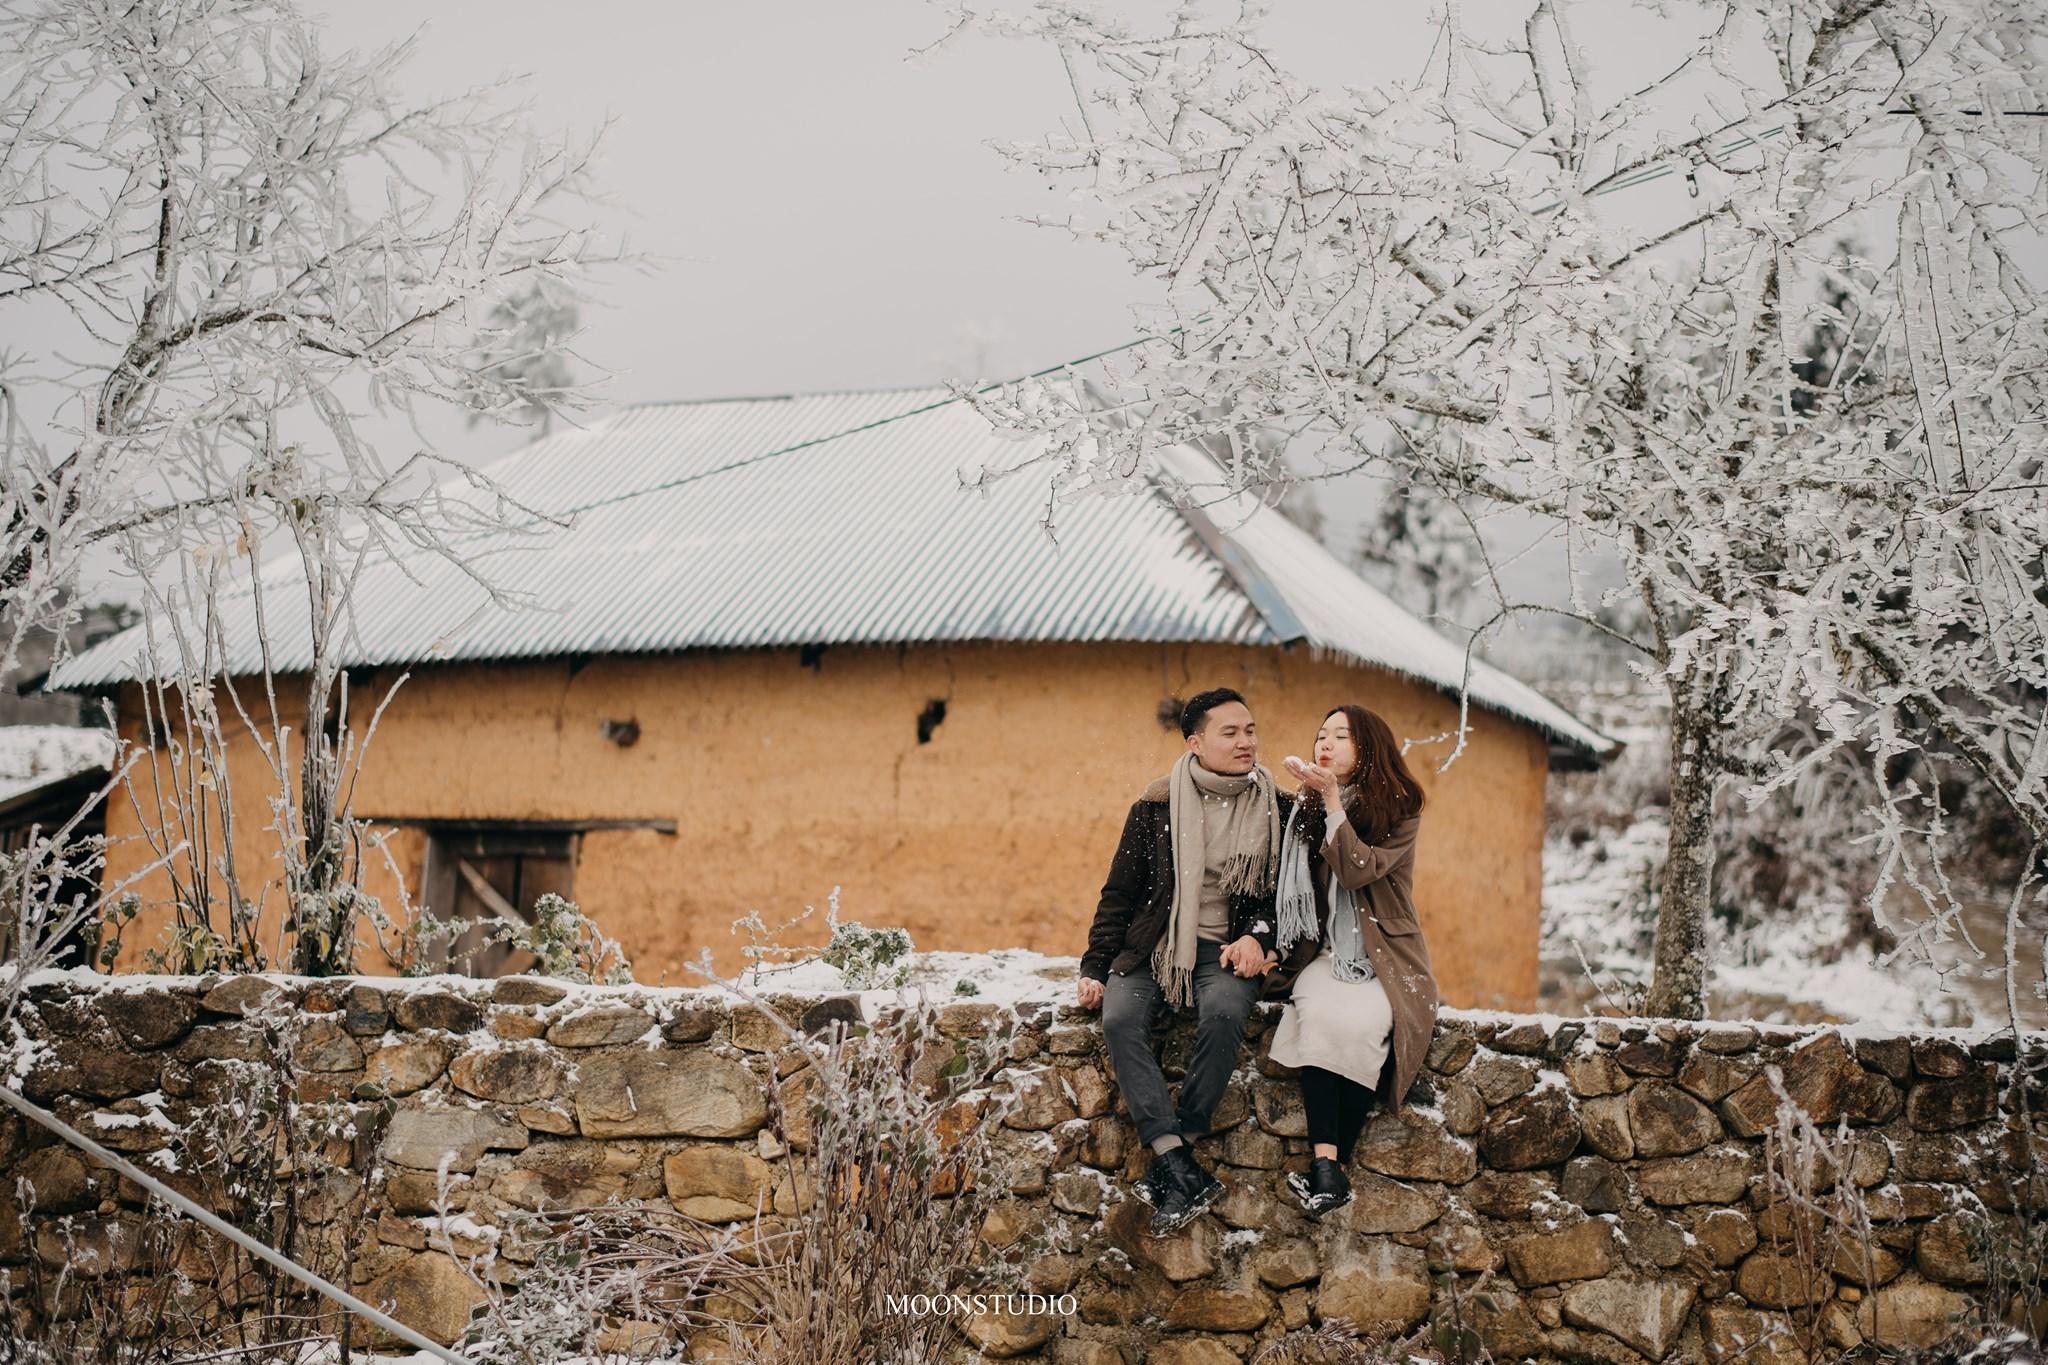 Mê mẩn với bộ ảnh cưới trong tuyết của cặp đôi may mắn, dù váy cưới cô dâu bị đóng băng do quá lạnh - Ảnh 5.